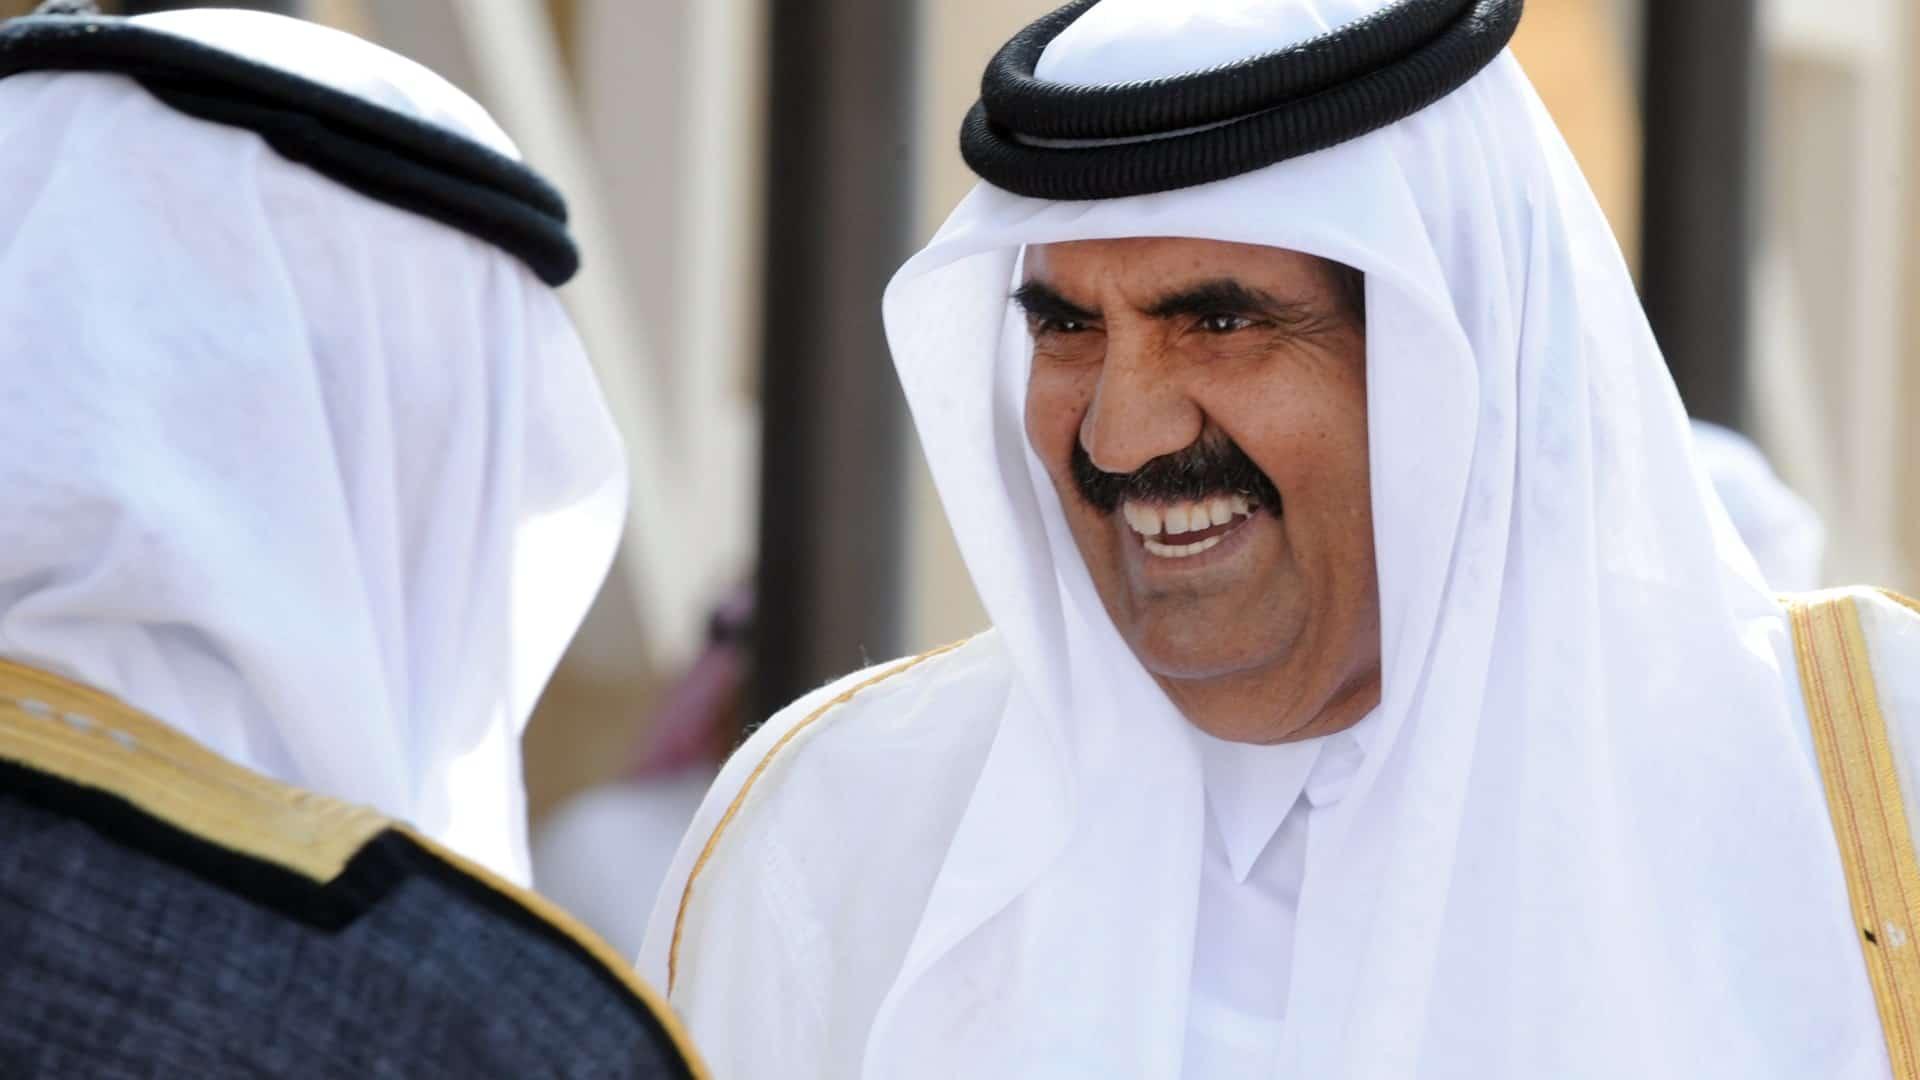 أمير سعودي يتطاول على حمد بن خليفة ويتهمه بالتآمر مع القذافي على السعودية.. هكذا تصدى له القطريون